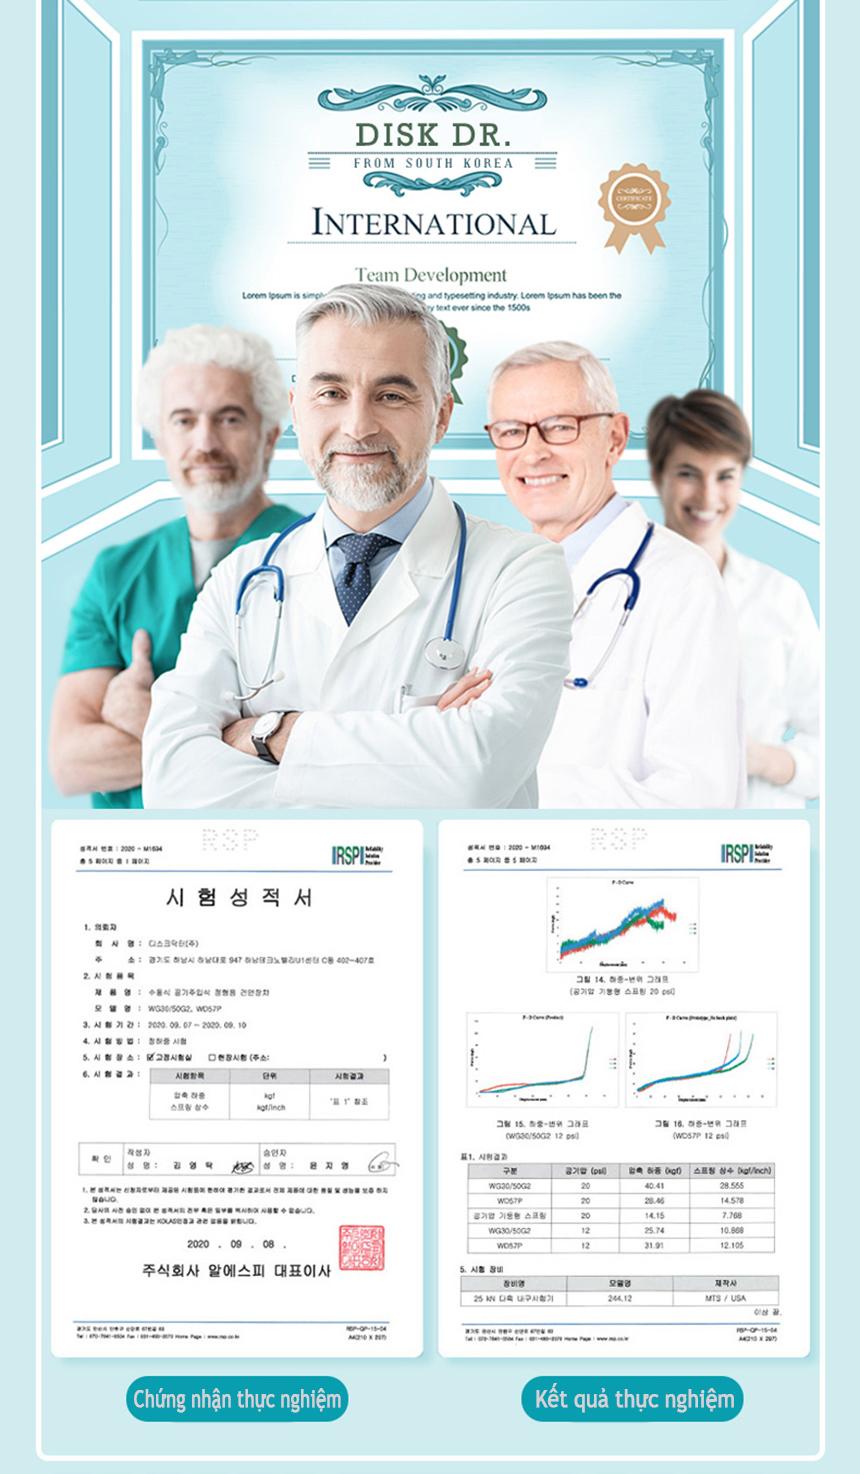 Đai lưng Hàn Quốc DiskDr đã trải qua rất nhiều kiểm nghiệm lâm sàng